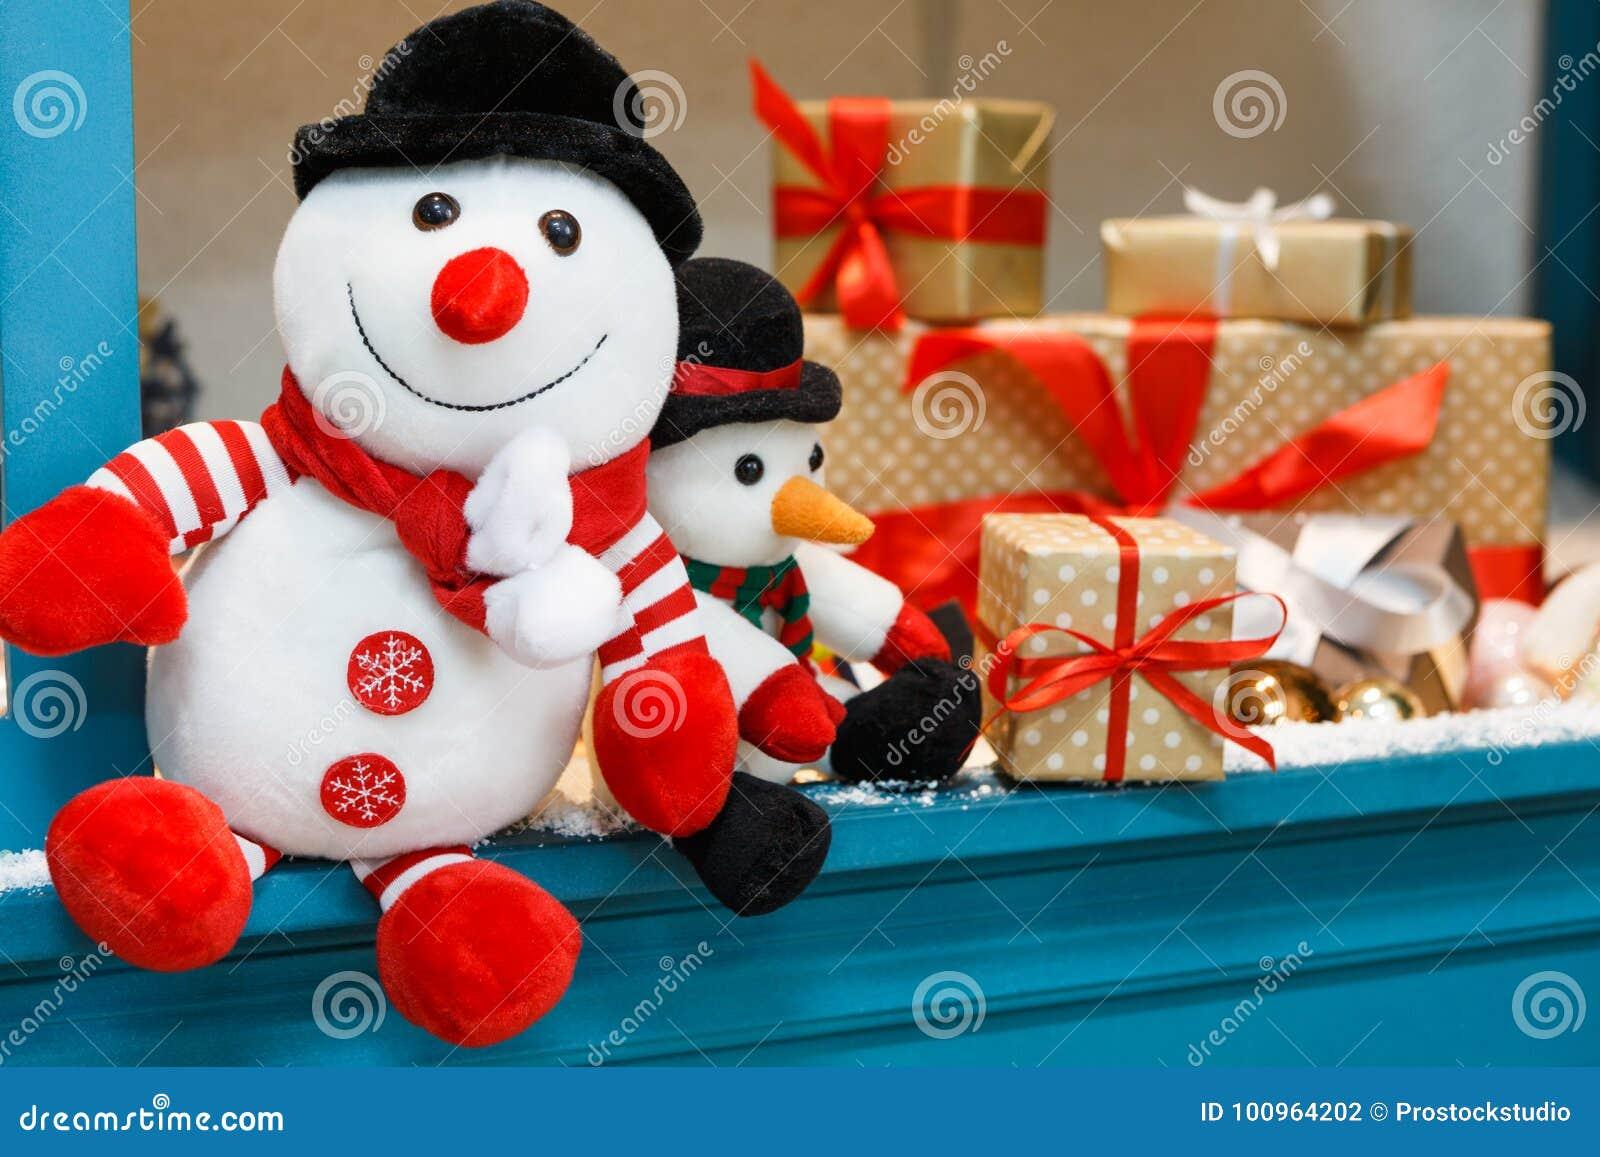 Immagini Di Natale Pupazzi Di Neve.Fondo Accogliente Di Natale Pupazzi Di Neve E Presente Del